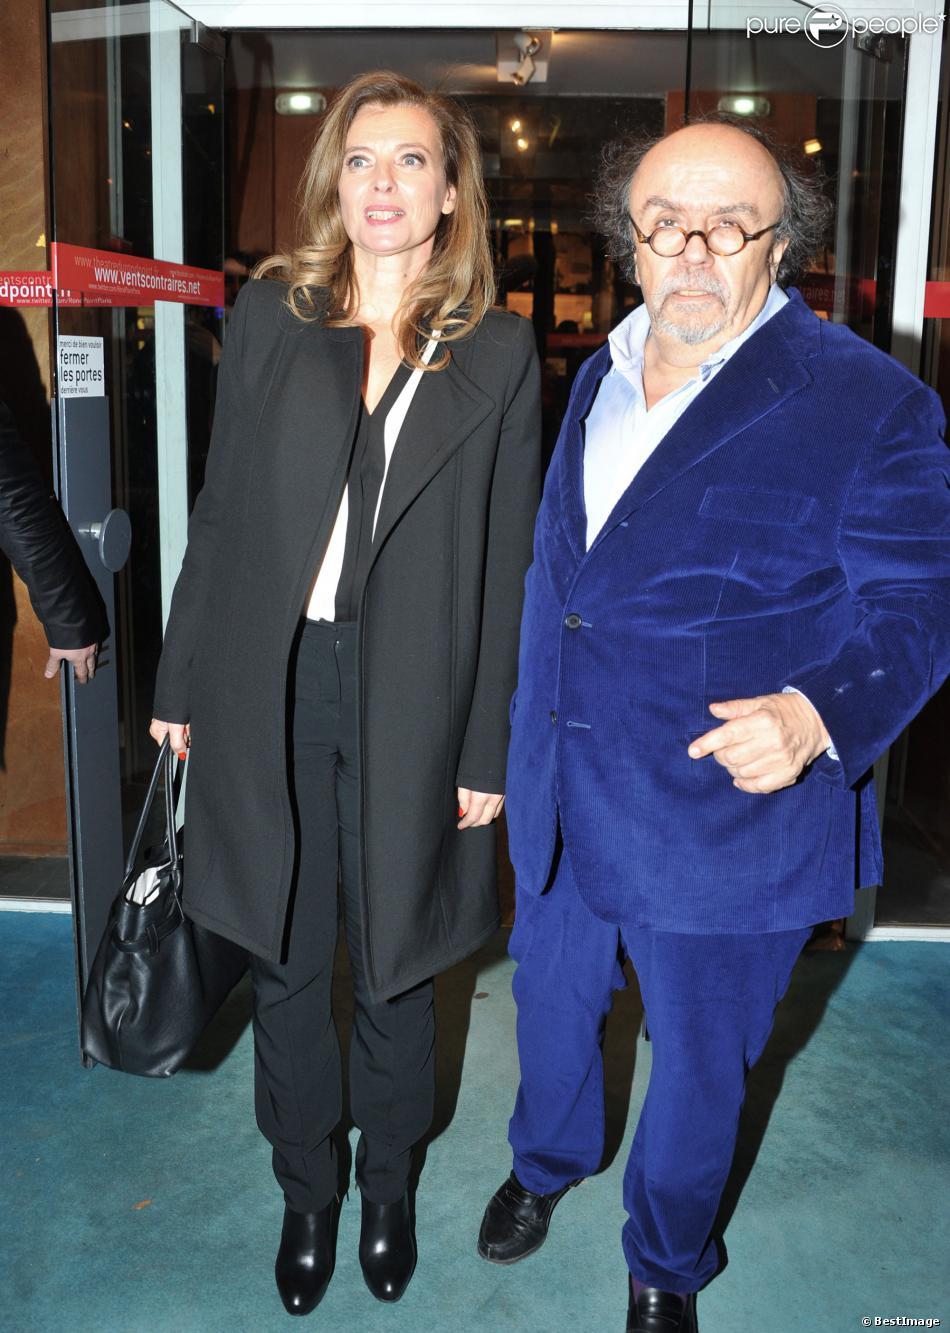 Valérie Trierweiler et Jean-Michel Ribes - Soirée de soutien du monde la culture à Christiane Taubira au Théâtre du Rond-Point à Paris, le 2 décembre 2013.